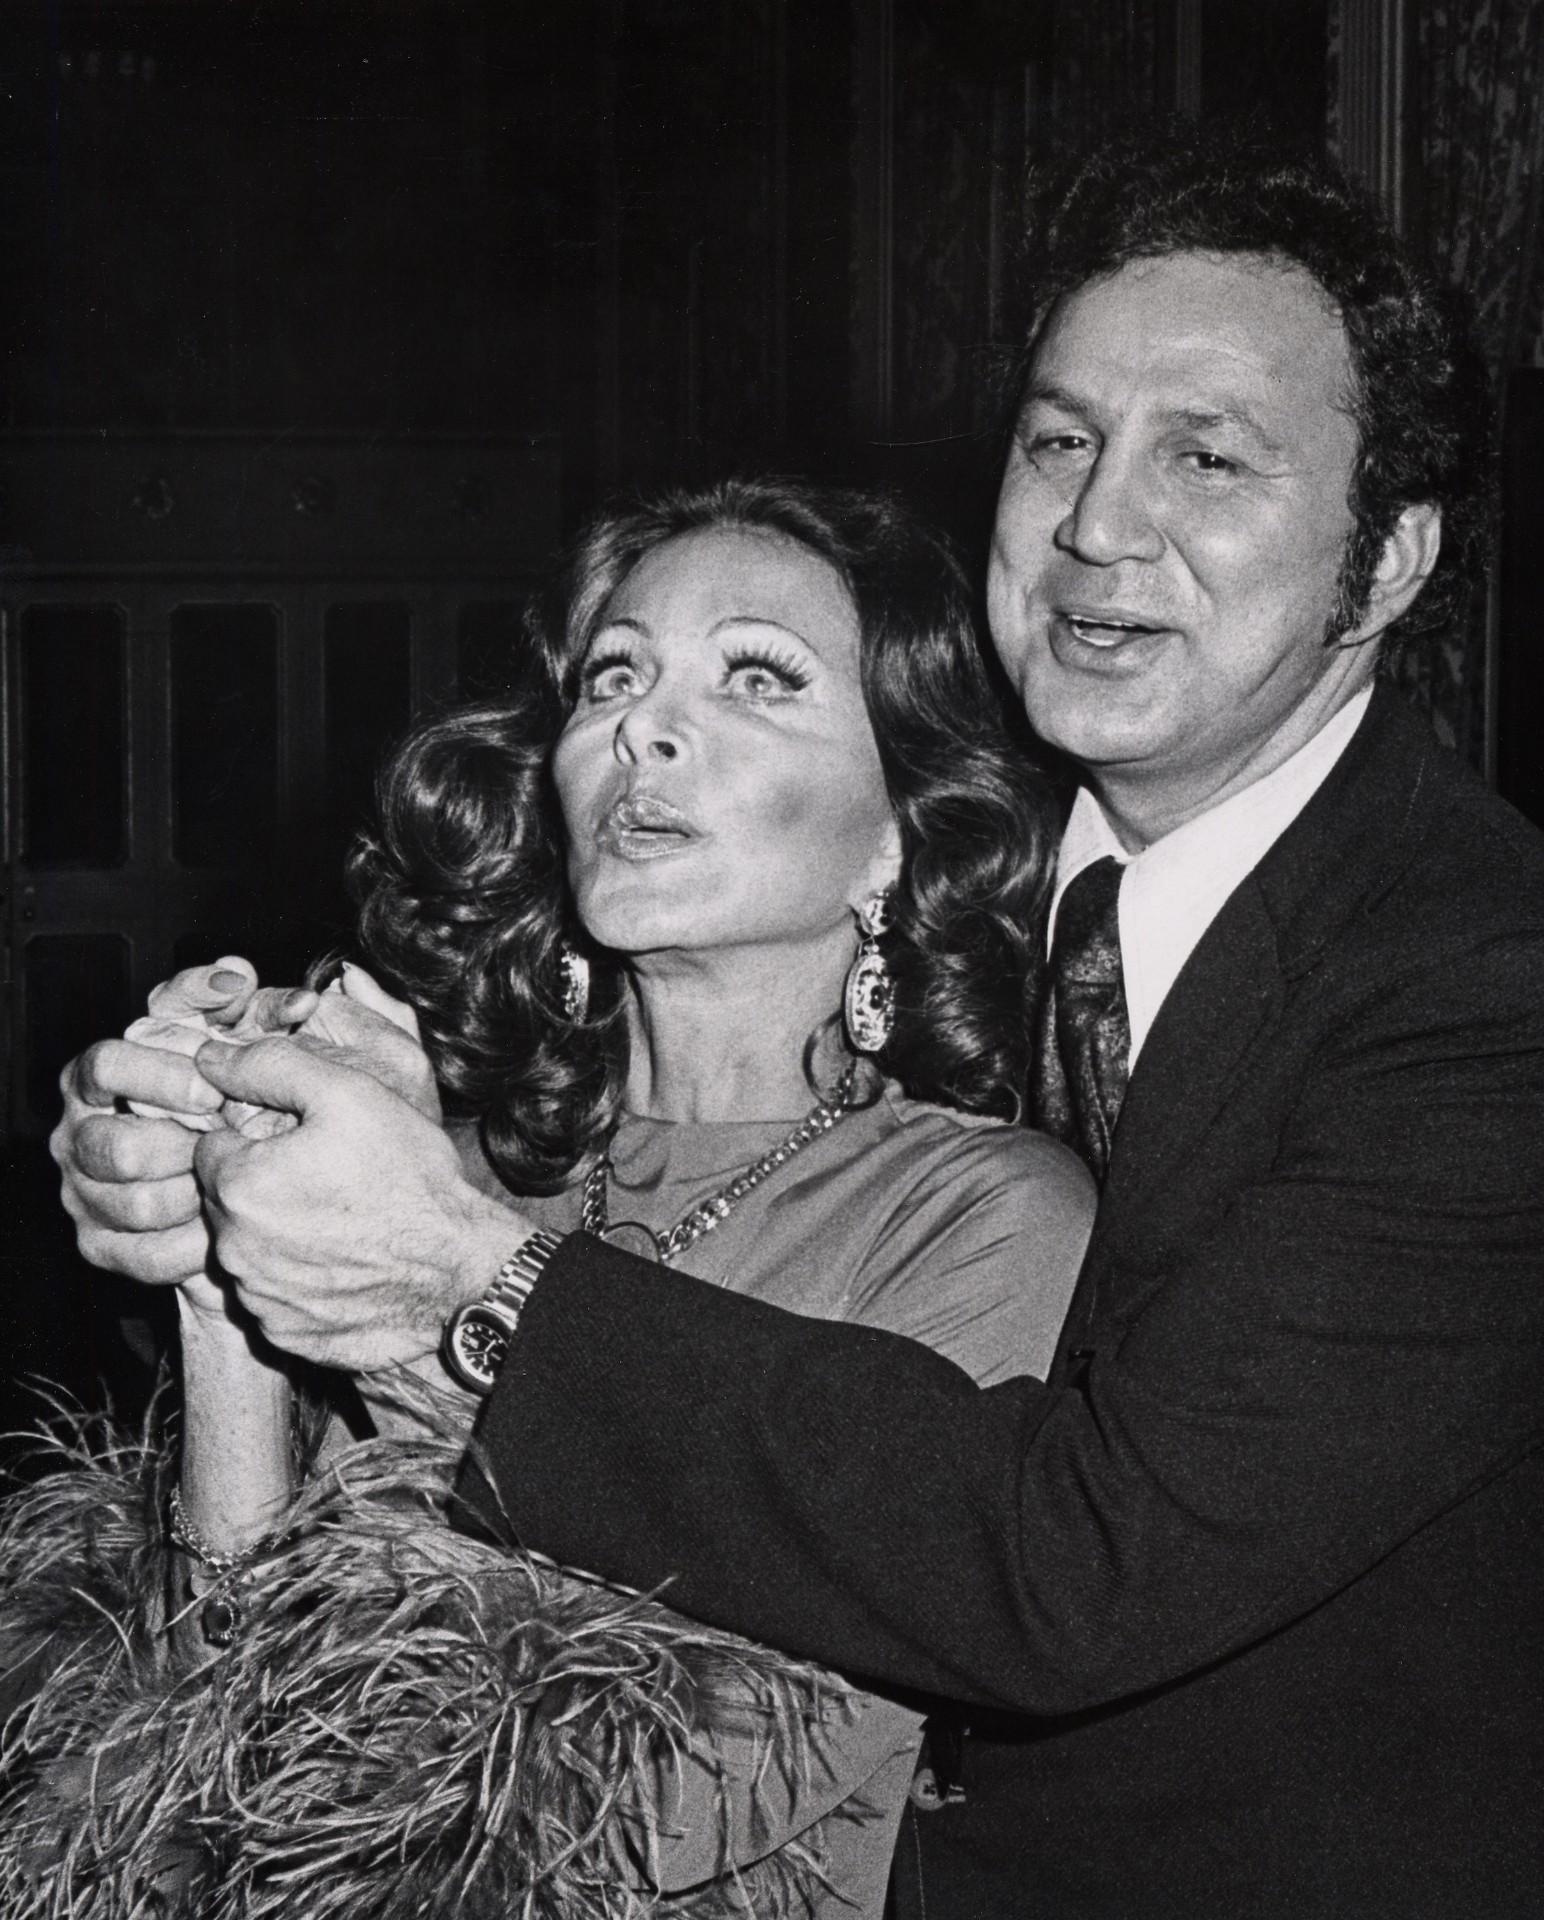 Con el mítico paparazzo Ron Galella en 1974.